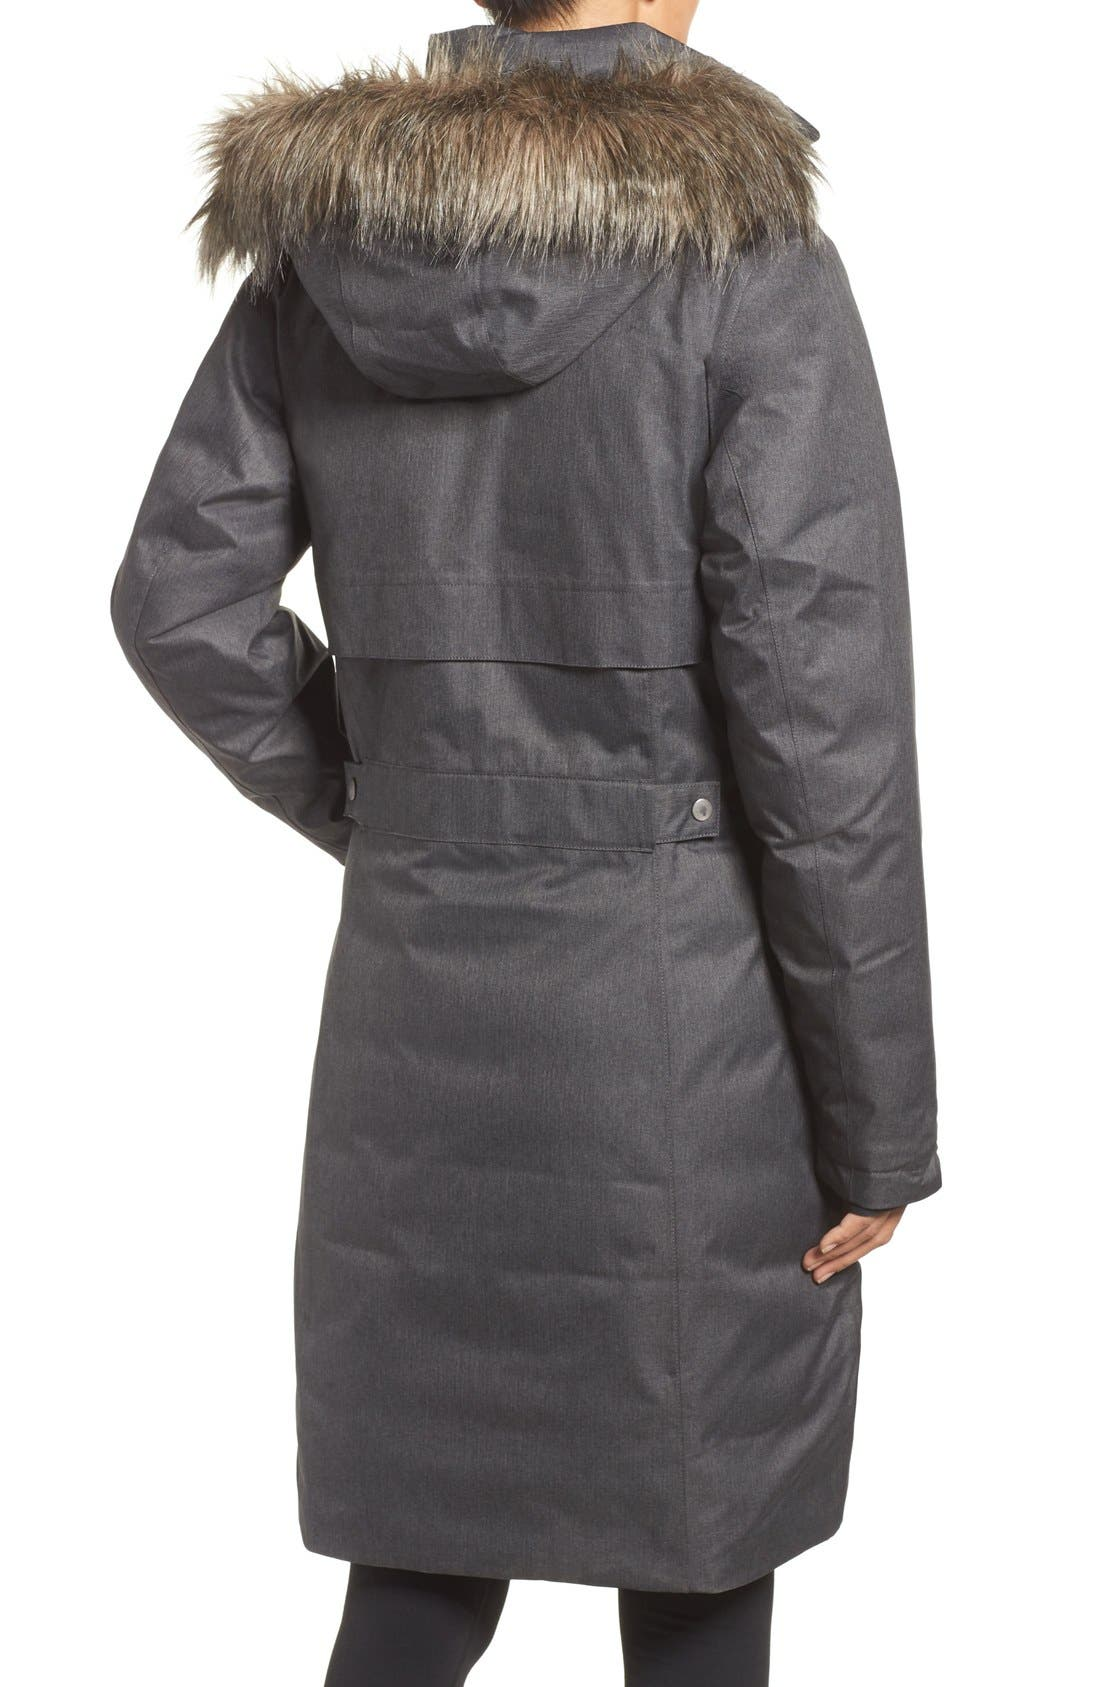 Apres Arson<sup>™</sup> Down Jacket with Faux Fur Trim,                             Alternate thumbnail 5, color,                             010